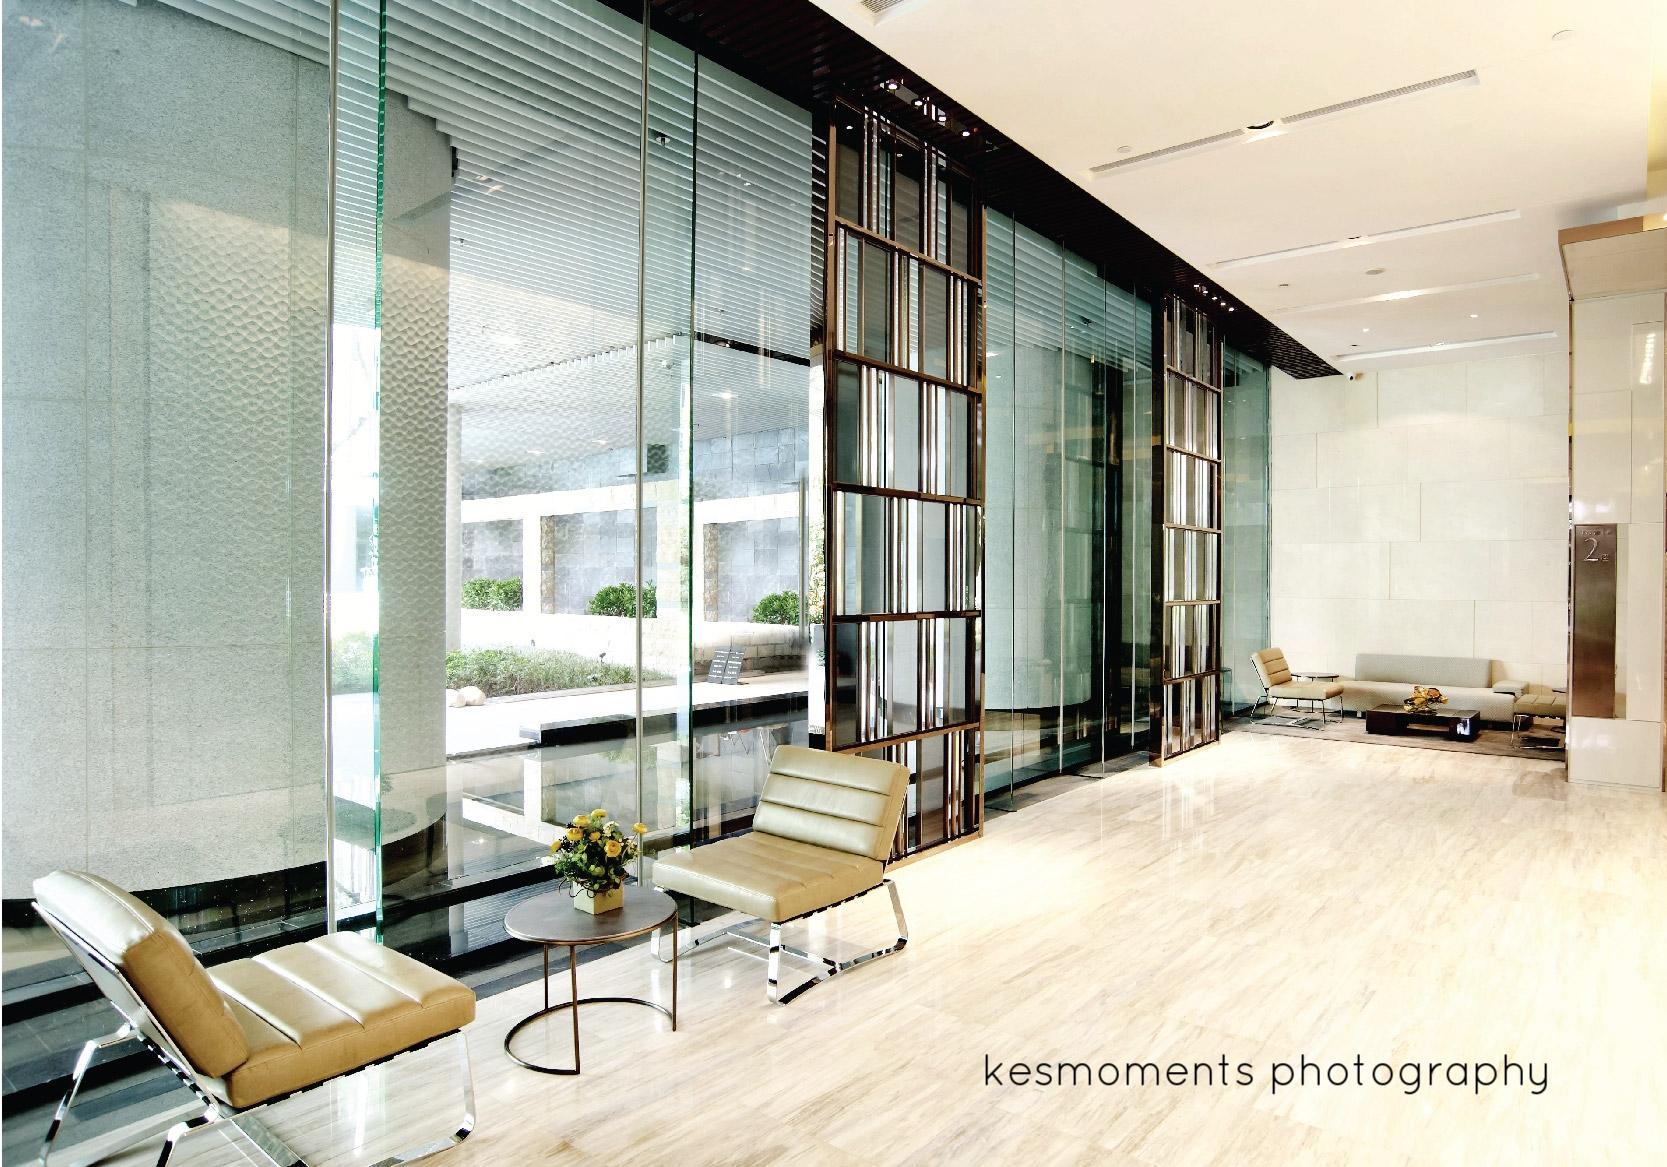 kesMoments_portfolio_2014_v2-10.jpg